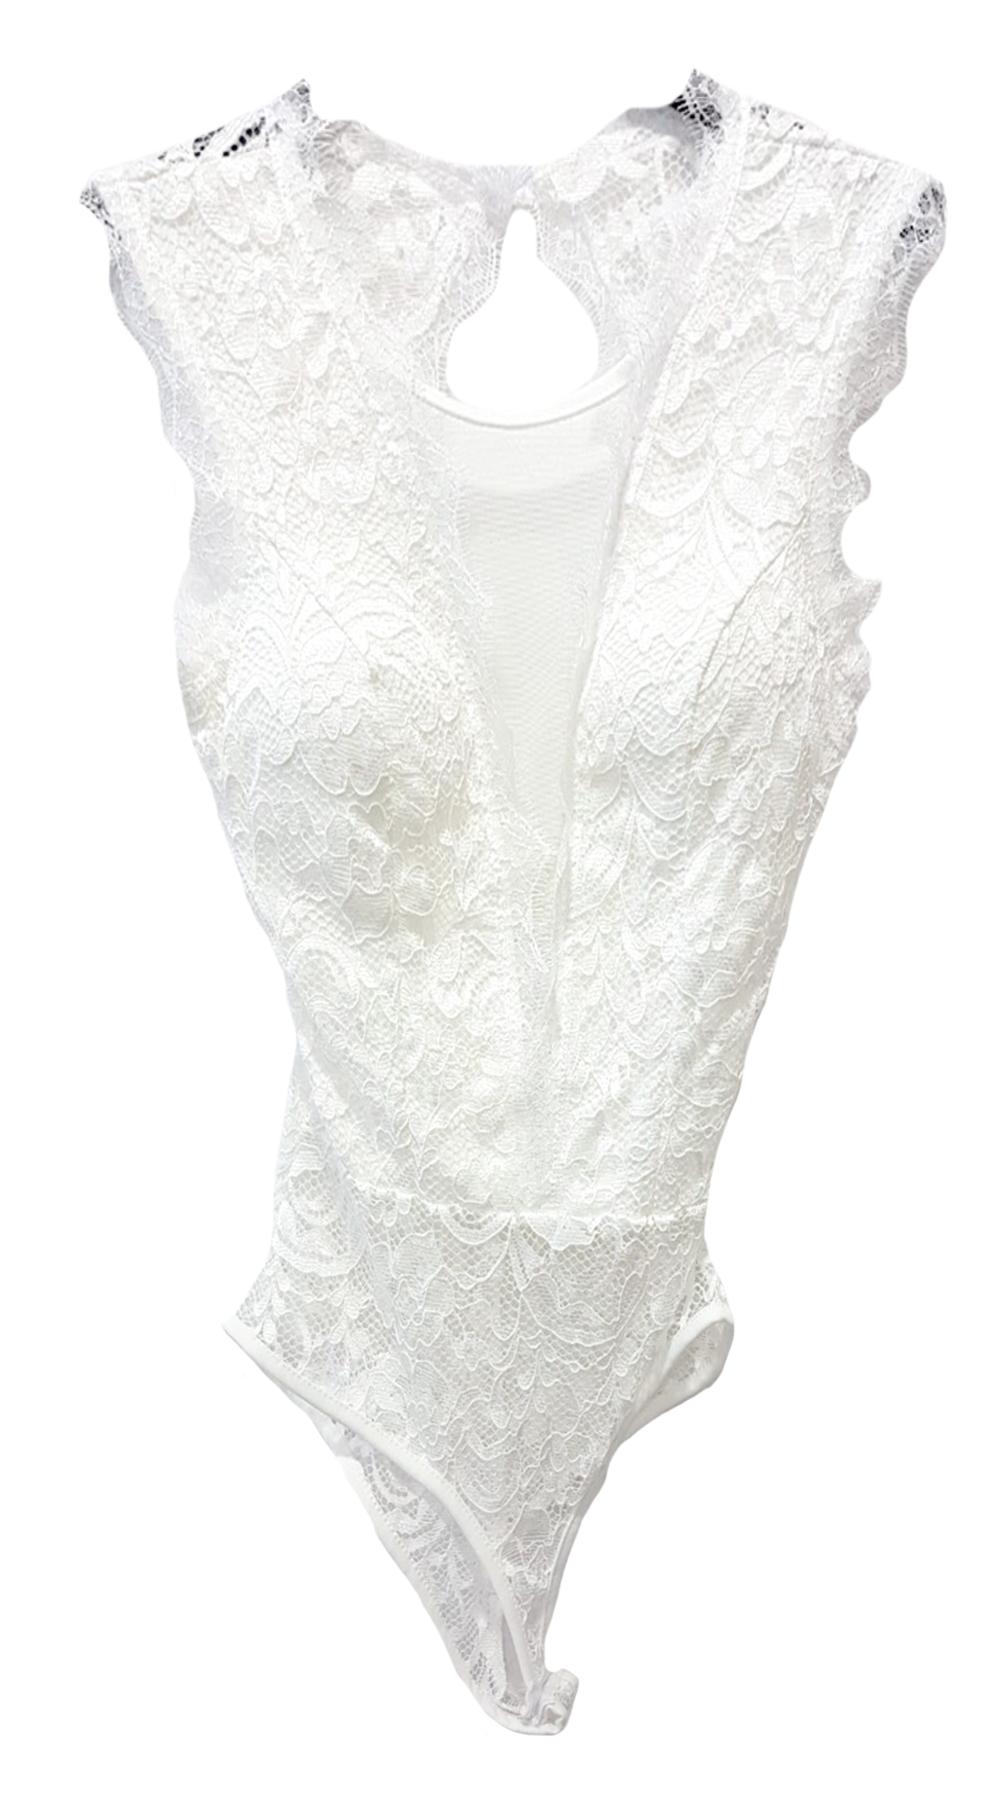 Δαντελένιο Κορμάκι με Διαφάνεια - MissReina - SP19SOF-12312 top trends casual chic